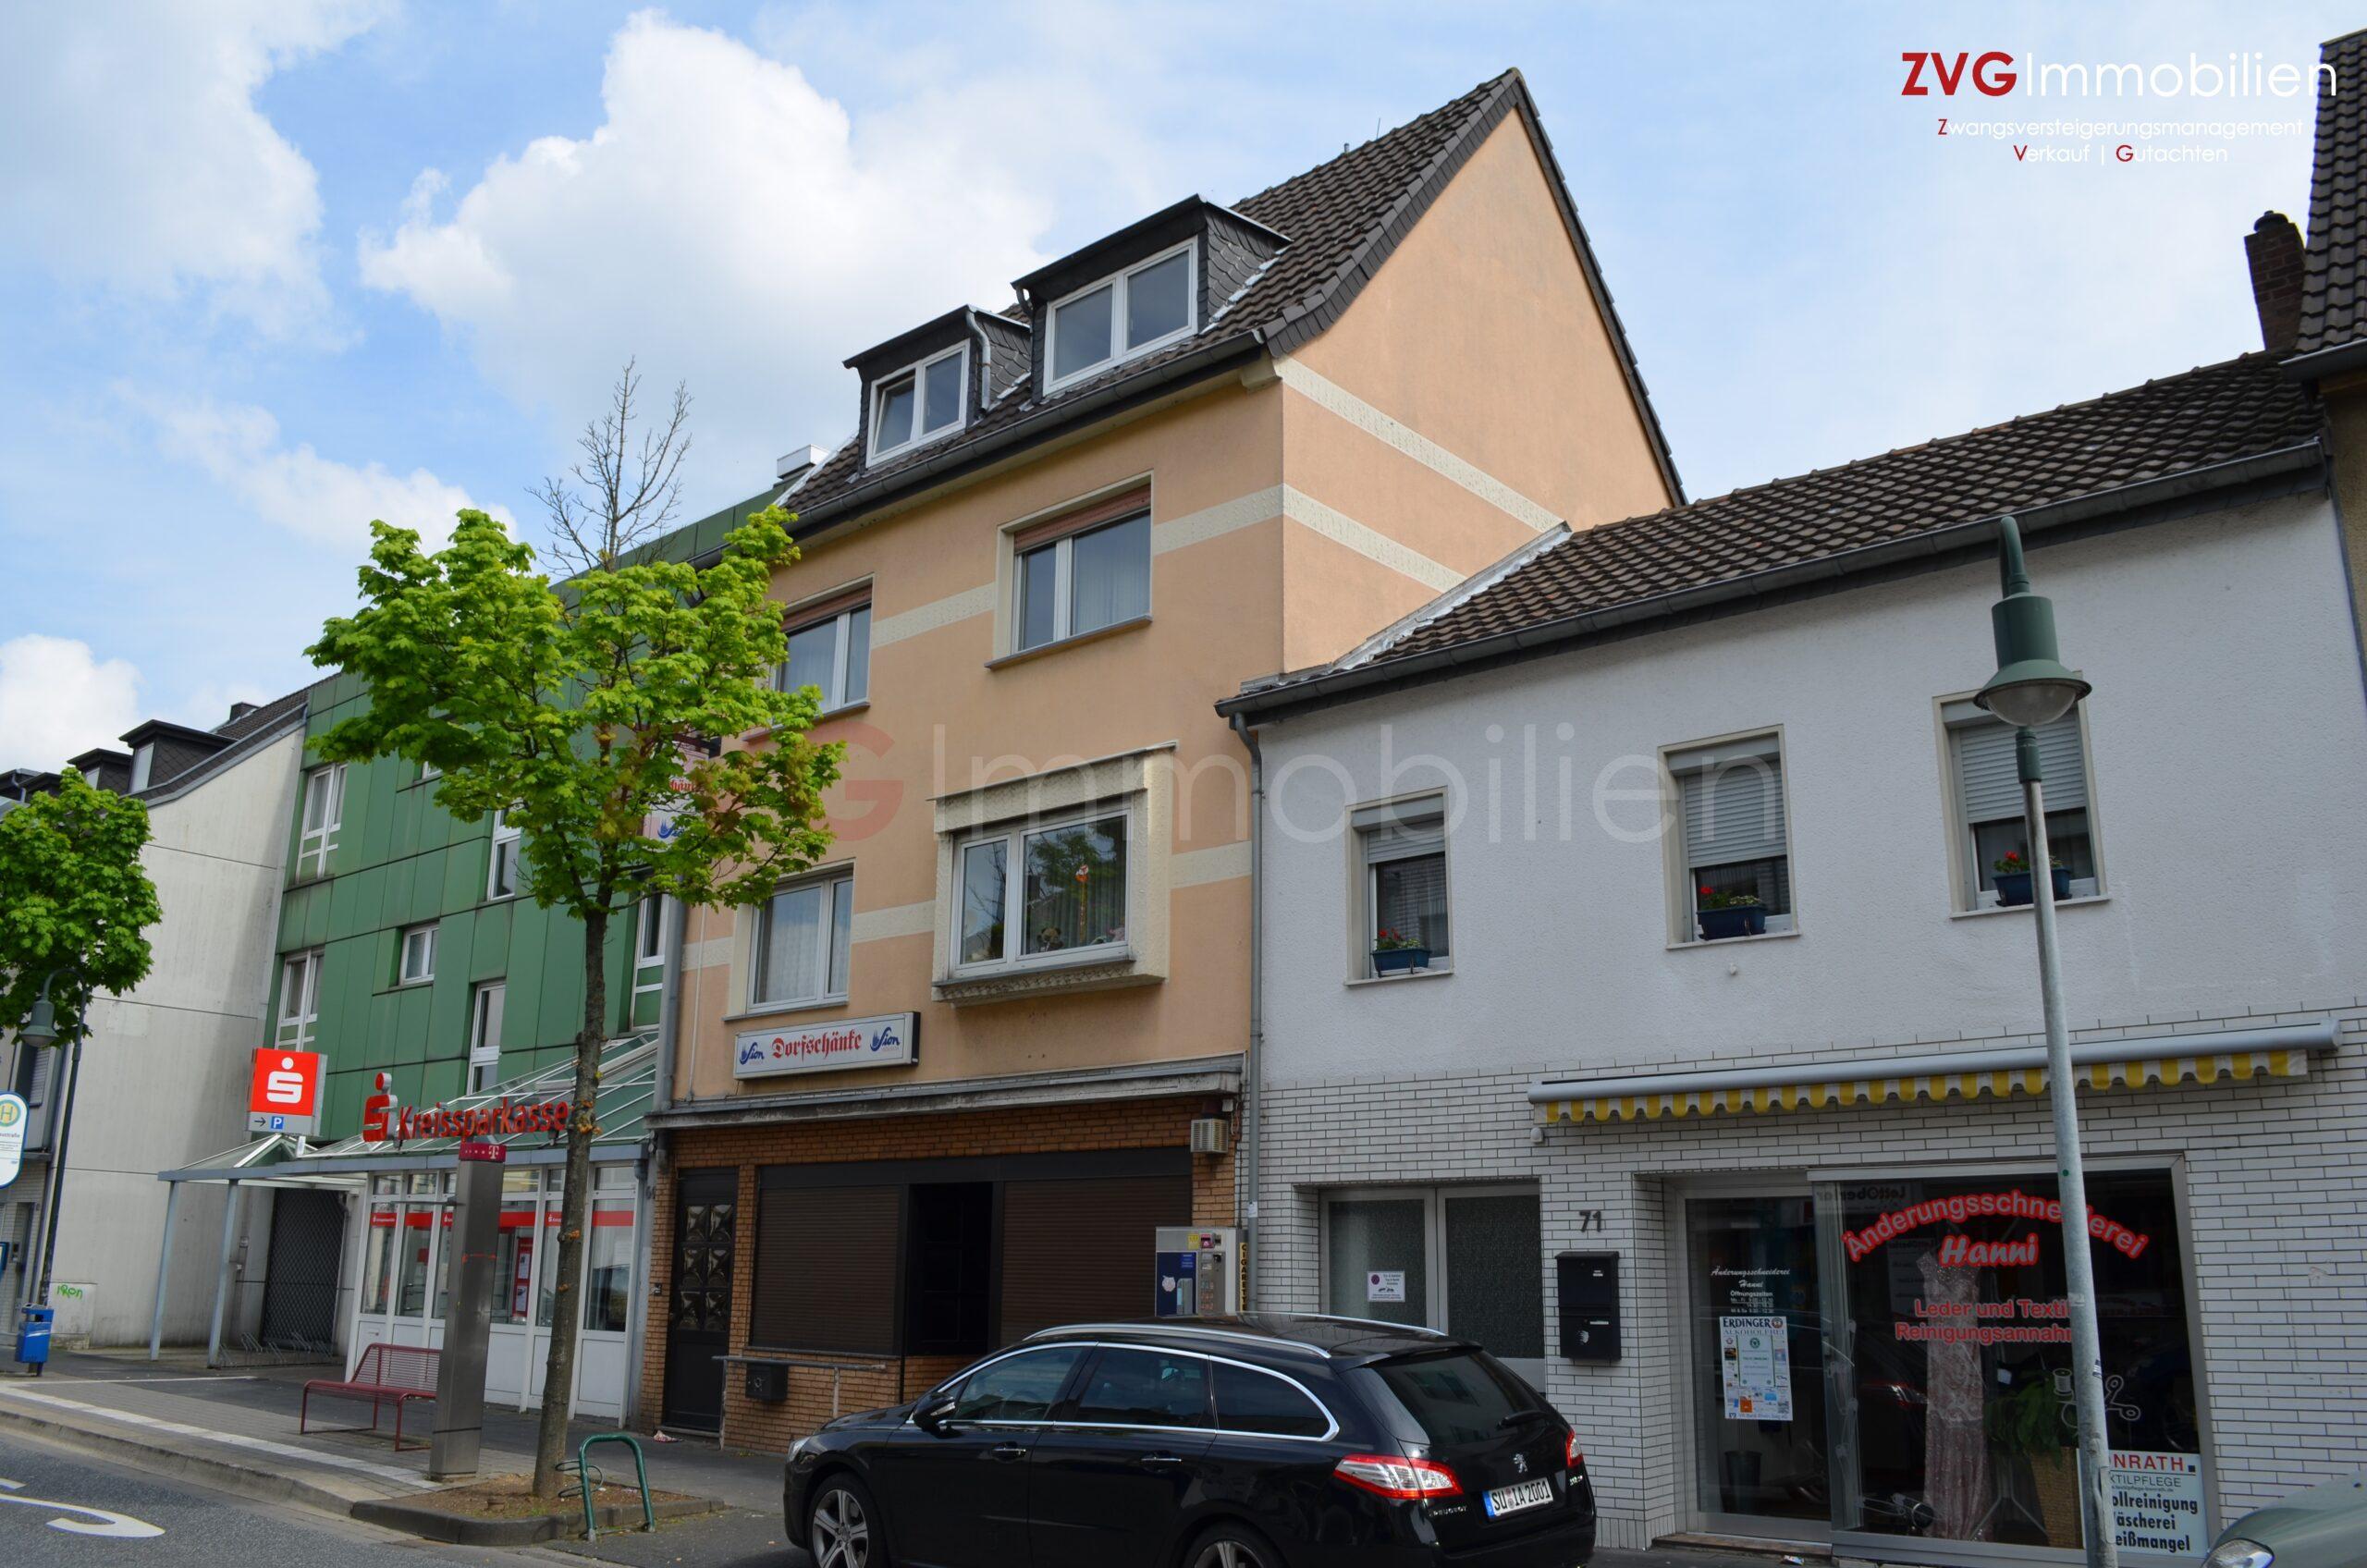 20 Wohn und Geschäftshaus in Troisdorf veräußert